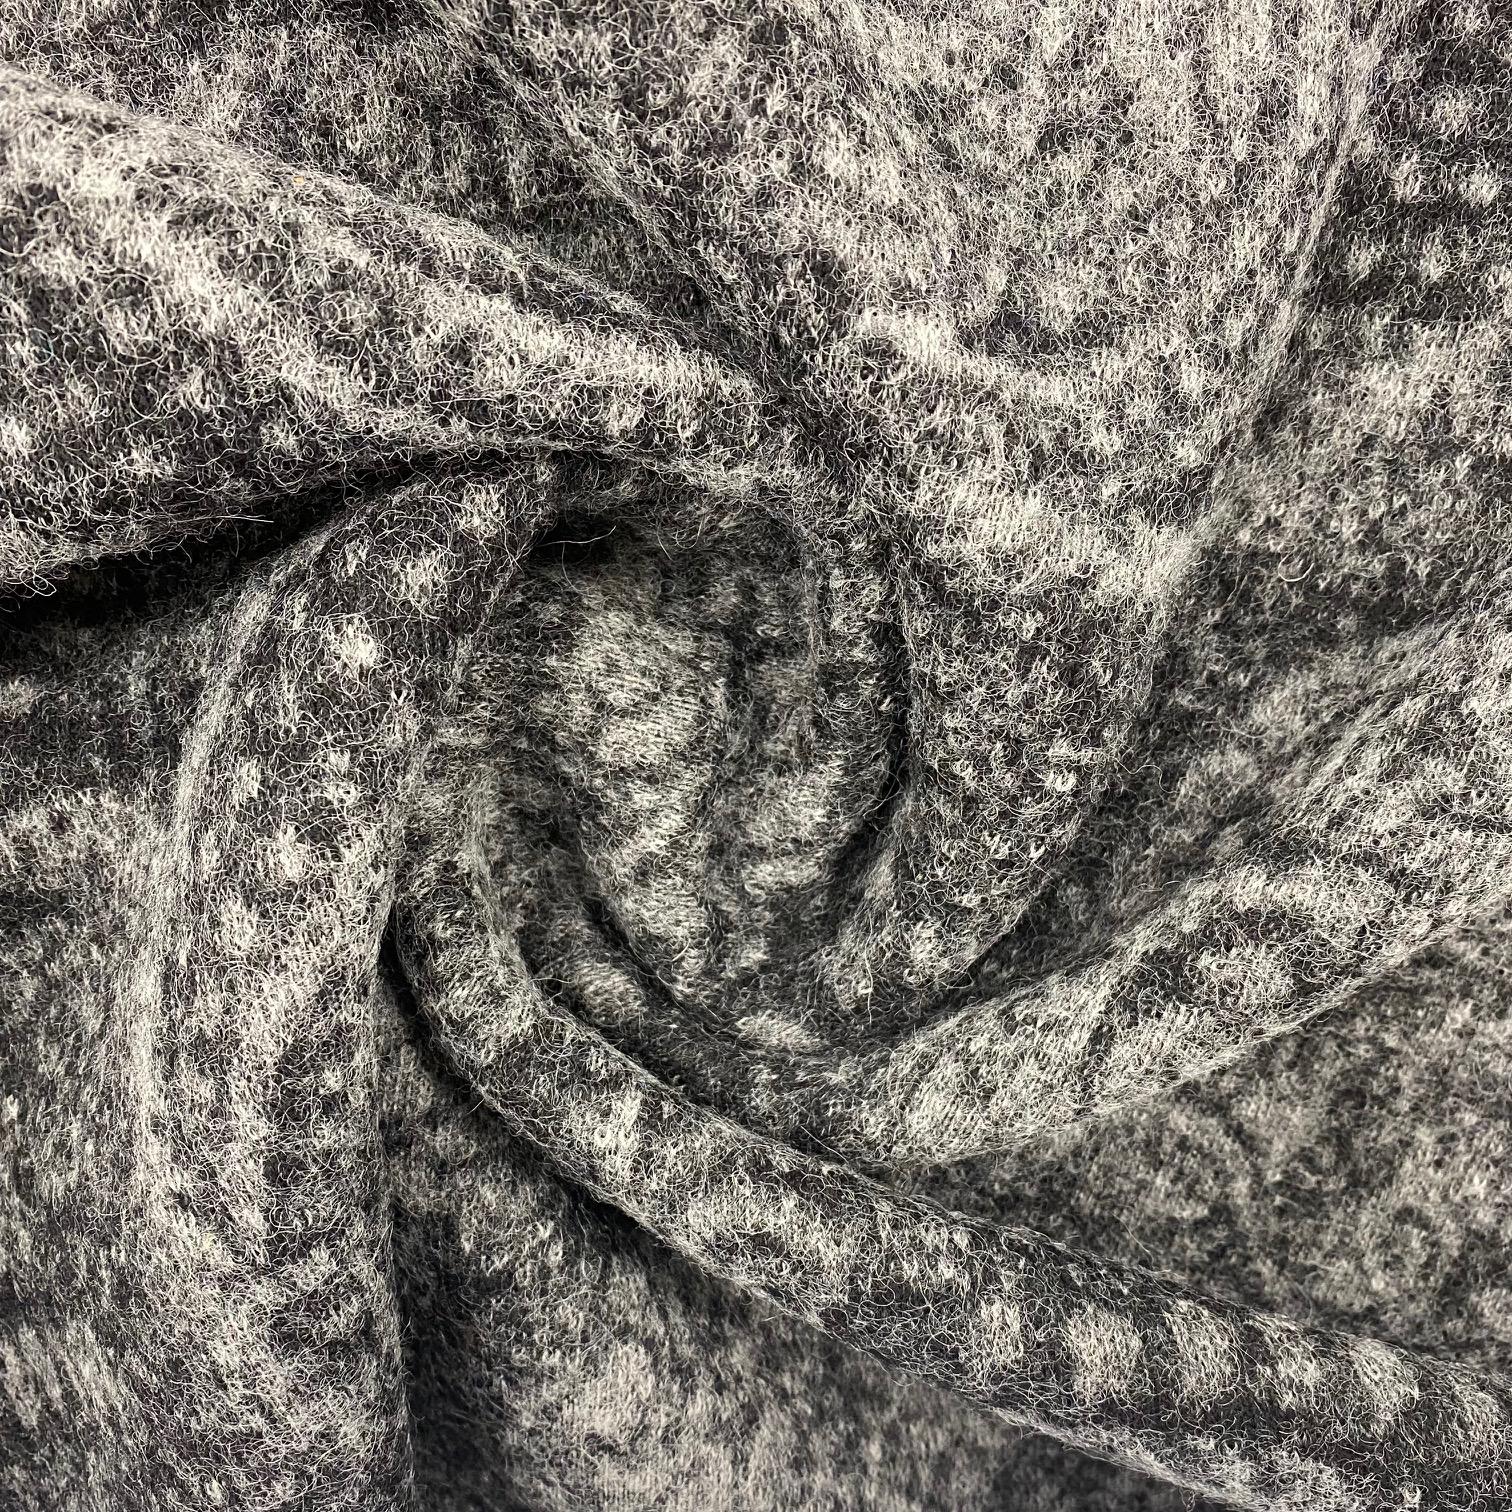 Walkstrick, Wolle gemustert, grau.  Art. 4721-02